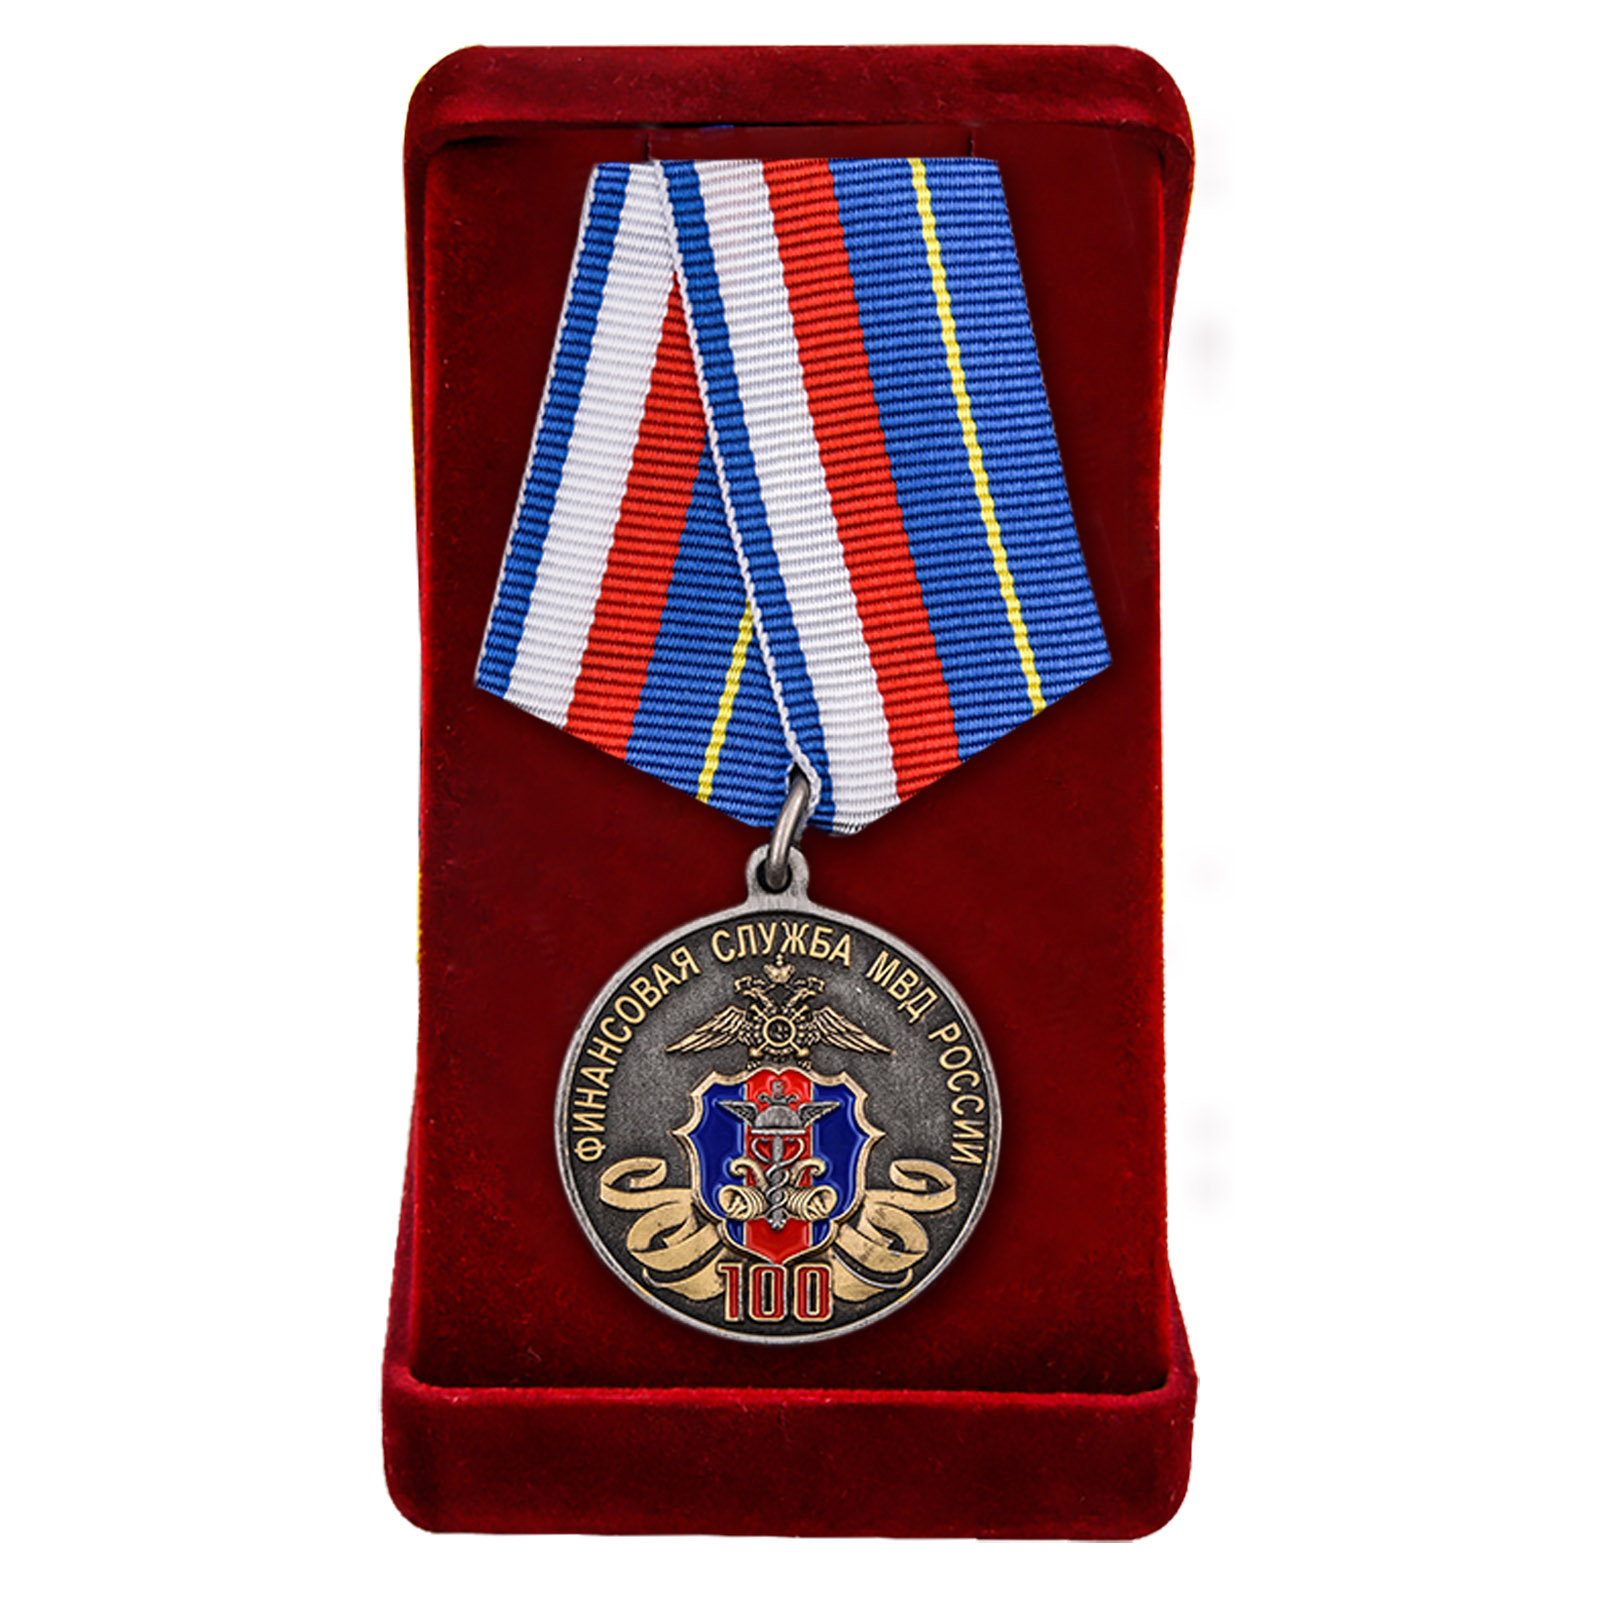 Купить юбилейную медаль 100 лет Финансовой службе МВД России с доставкой